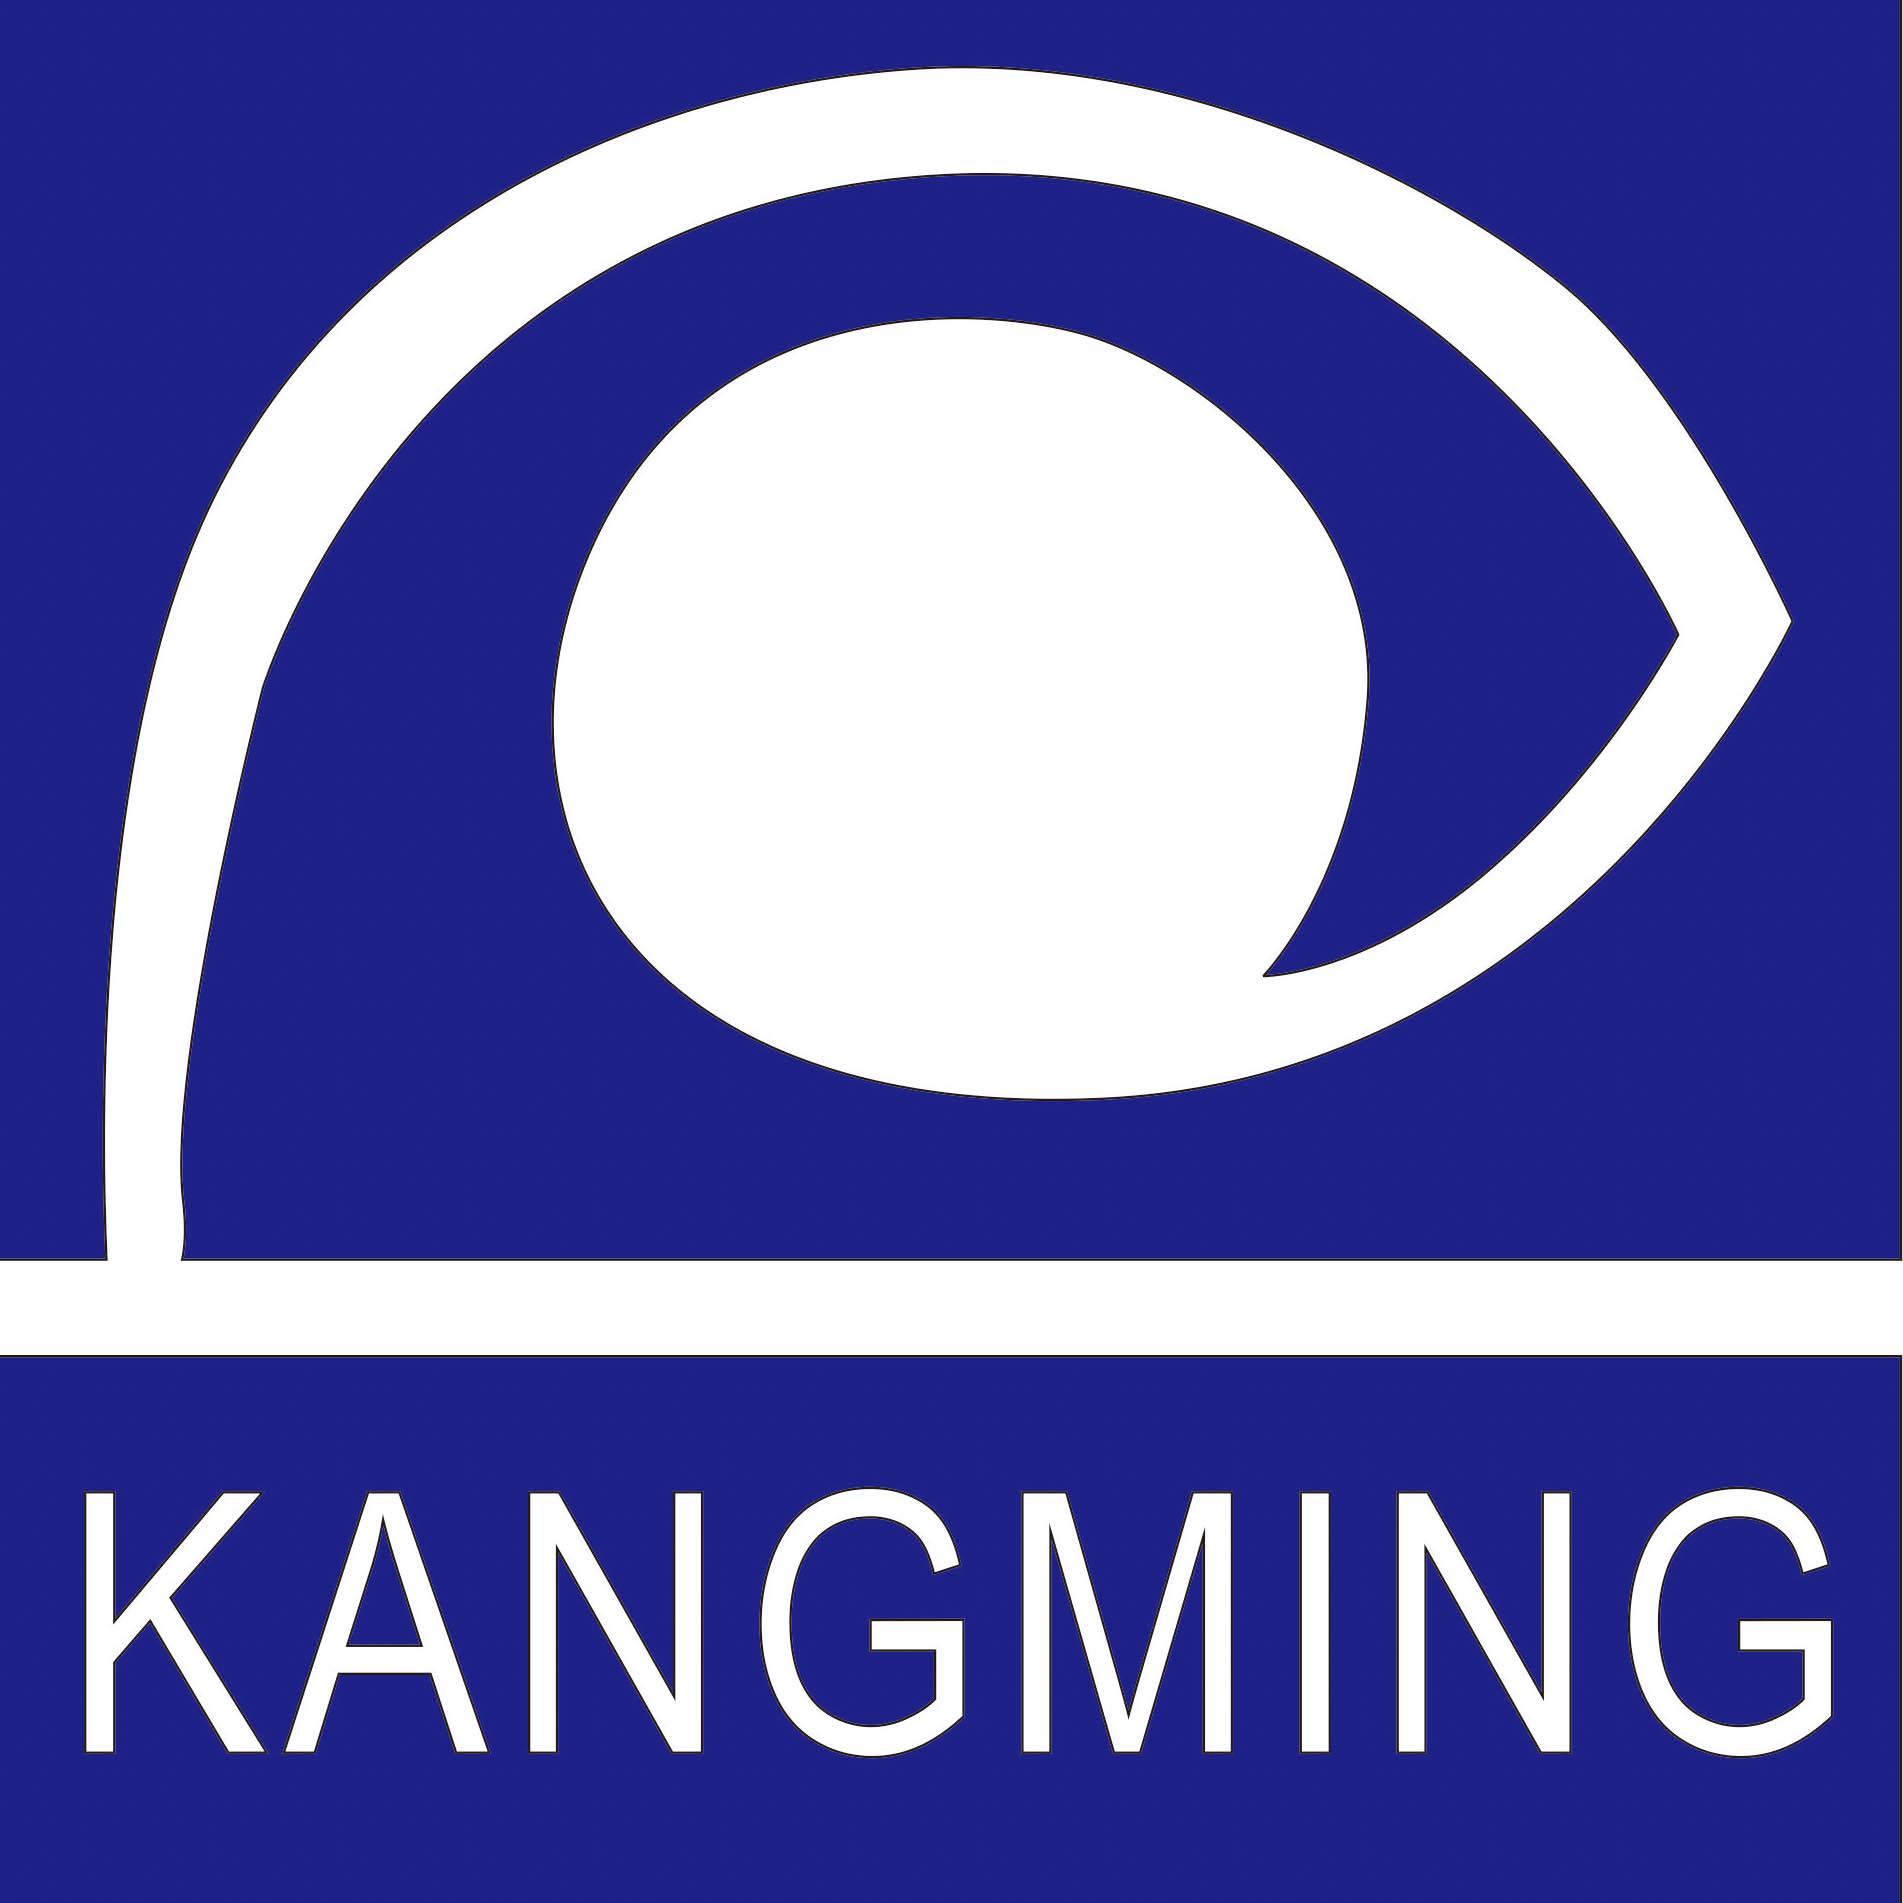 店铺logo素材韩国